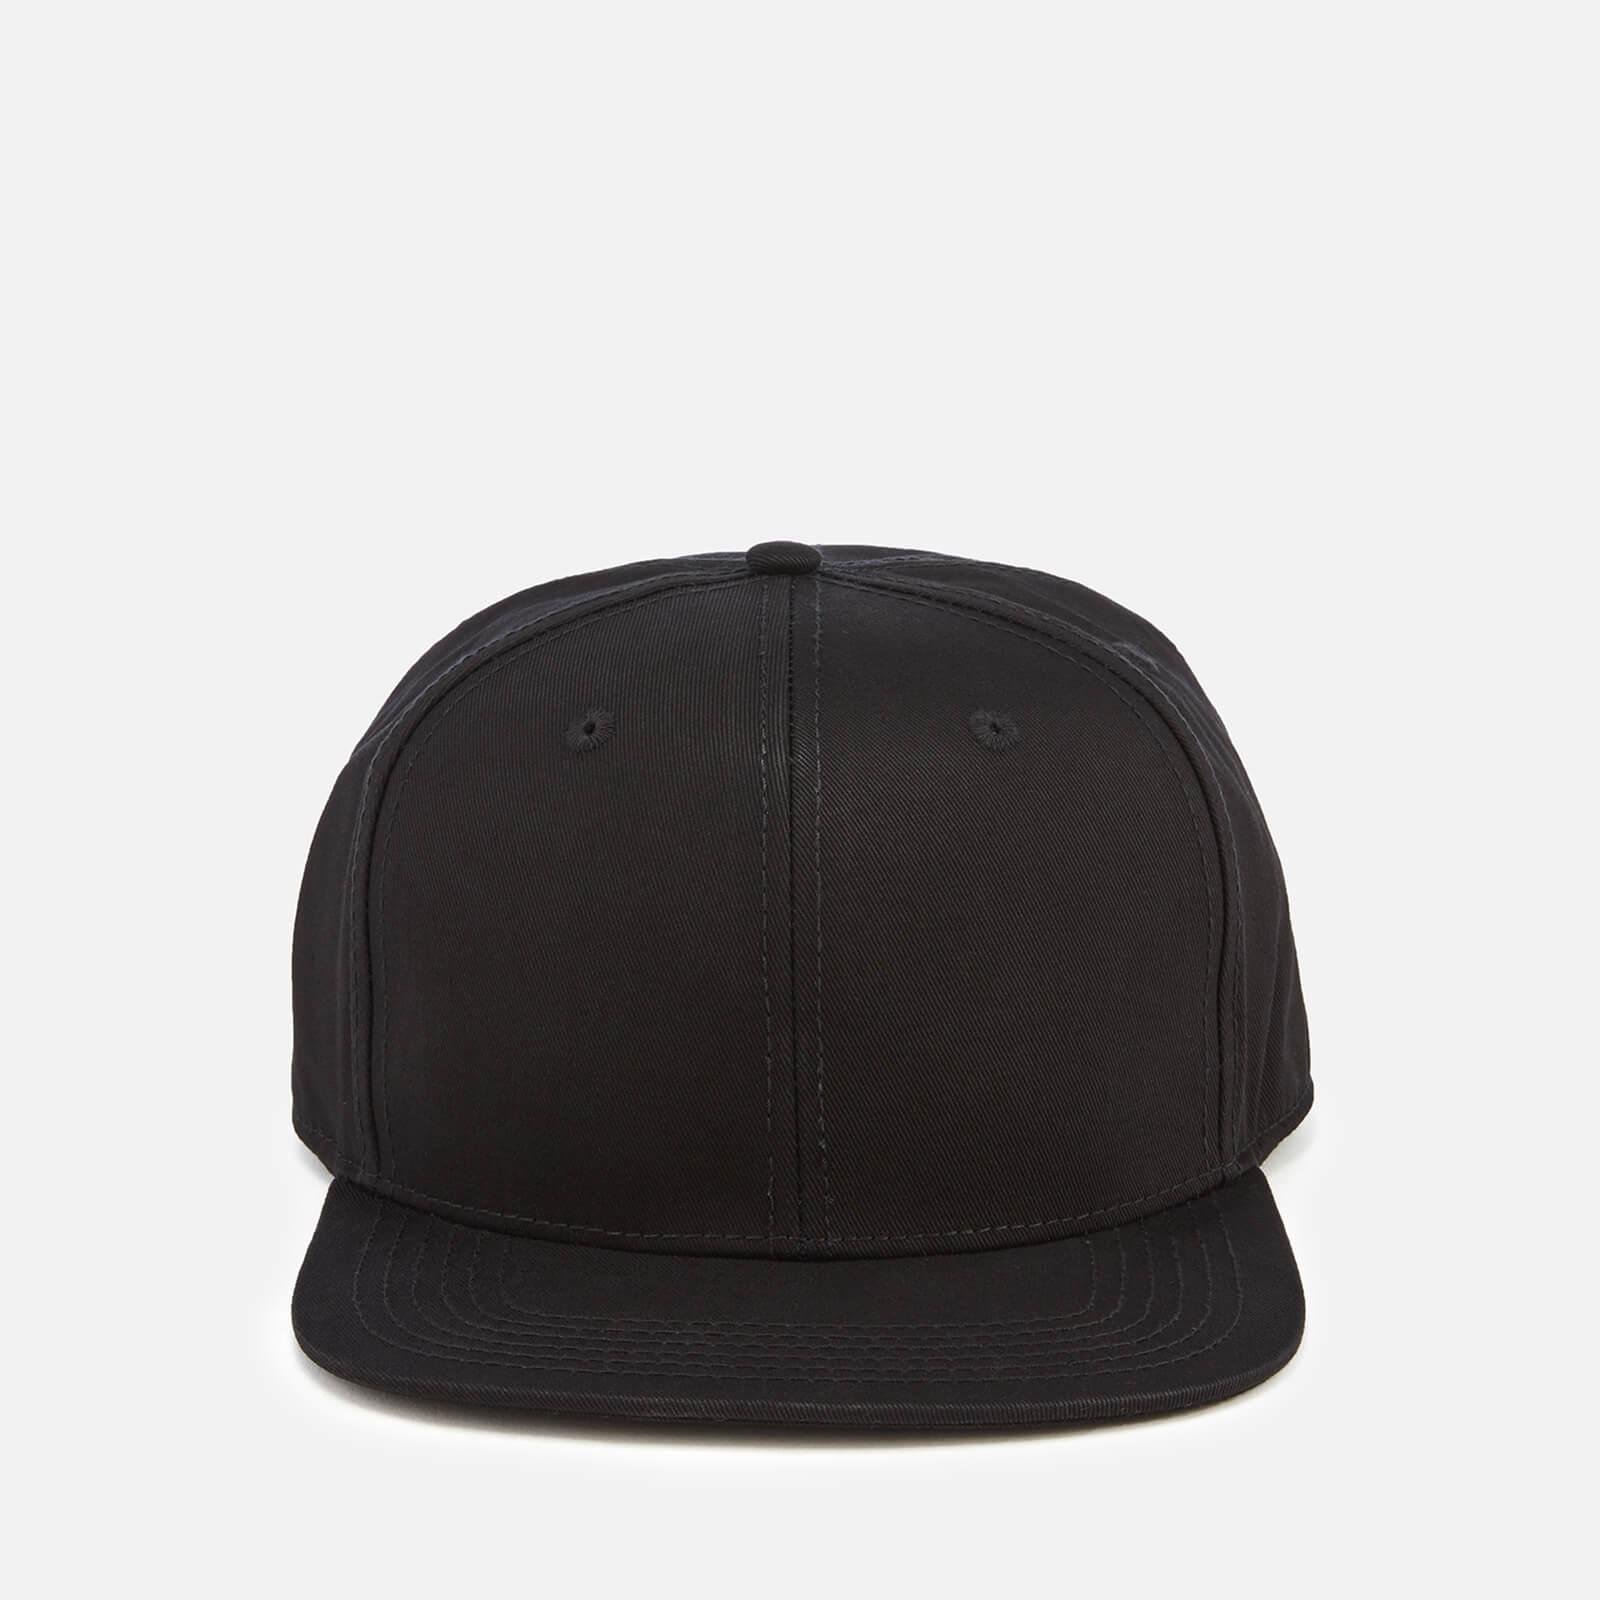 ab1220e15 Jack & Jones Men's Classic Snapback Cap - Black Clothing | Zavvi